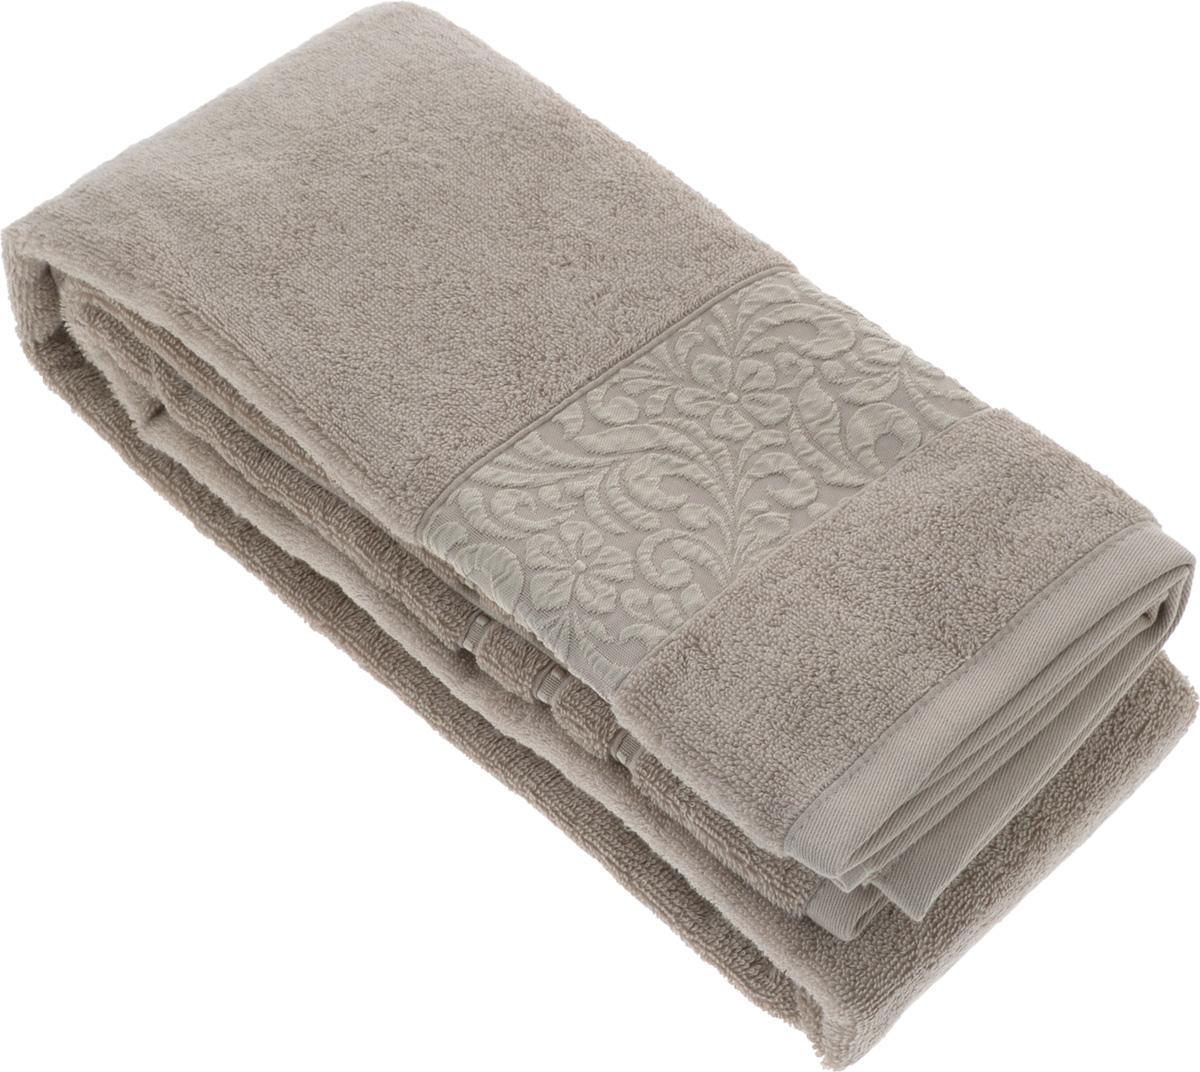 Полотенце бамбуковое Issimo Home Valencia, цвет: бежевый, 90 x 150 см97775318Полотенце Issimo Home Valencia выполнено из 60% бамбукового волокна и 40% хлопка. Таким полотенцем не нужно вытираться - только коснитесь кожи - и ткань сама все впитает. Такая ткань впитывает в 3 раза лучше, чем хлопок.Несмотря на высокую плотность, полотенце быстро сохнет, остается легкими даже при намокании.Изделие имеет красивый жаккардовый бордюр, оформленный цветочным орнаментом. Благородный, классический тон создаст уют и подчеркнет лучшие качества махровой ткани, а сочный, яркий, летний оттенок создаст ощущение праздника и наполнит дом энергией. Красивая, стильная упаковка этого полотенца делает его уже готовым подарком к любому случаю.